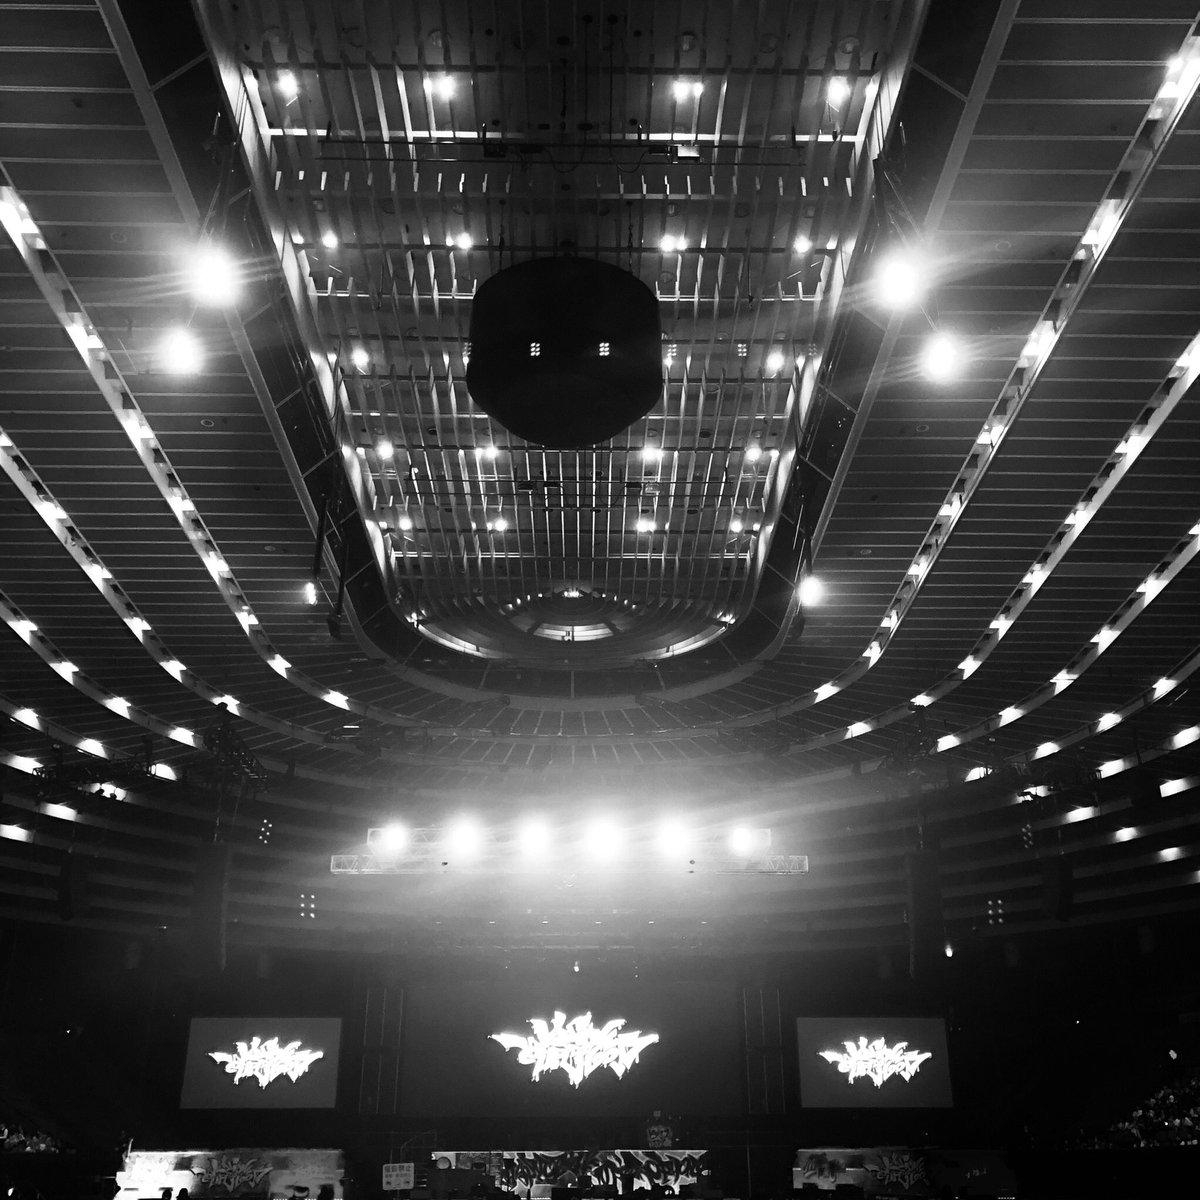 開演まであと10分   会場とライブビューイングの皆さまで 本日も最高のLIVEにしましょう‼️  #ヒプマイ4th #ヒプマイライビュ #ヒプマイ